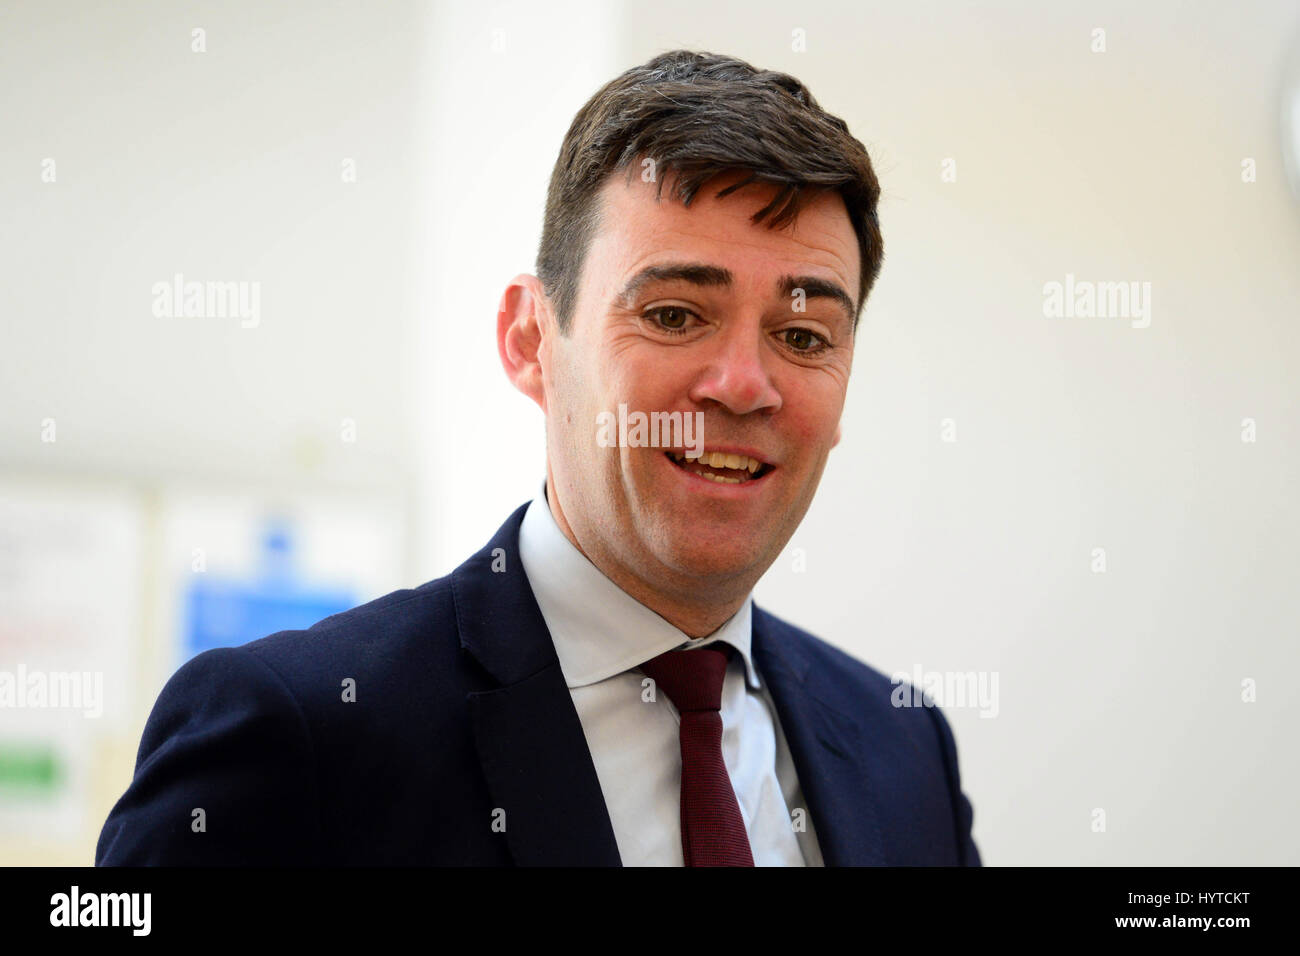 Liderazgo laboral contendiente Andy Burnham se dirige a un auditorio en Edimburgo Foto de stock